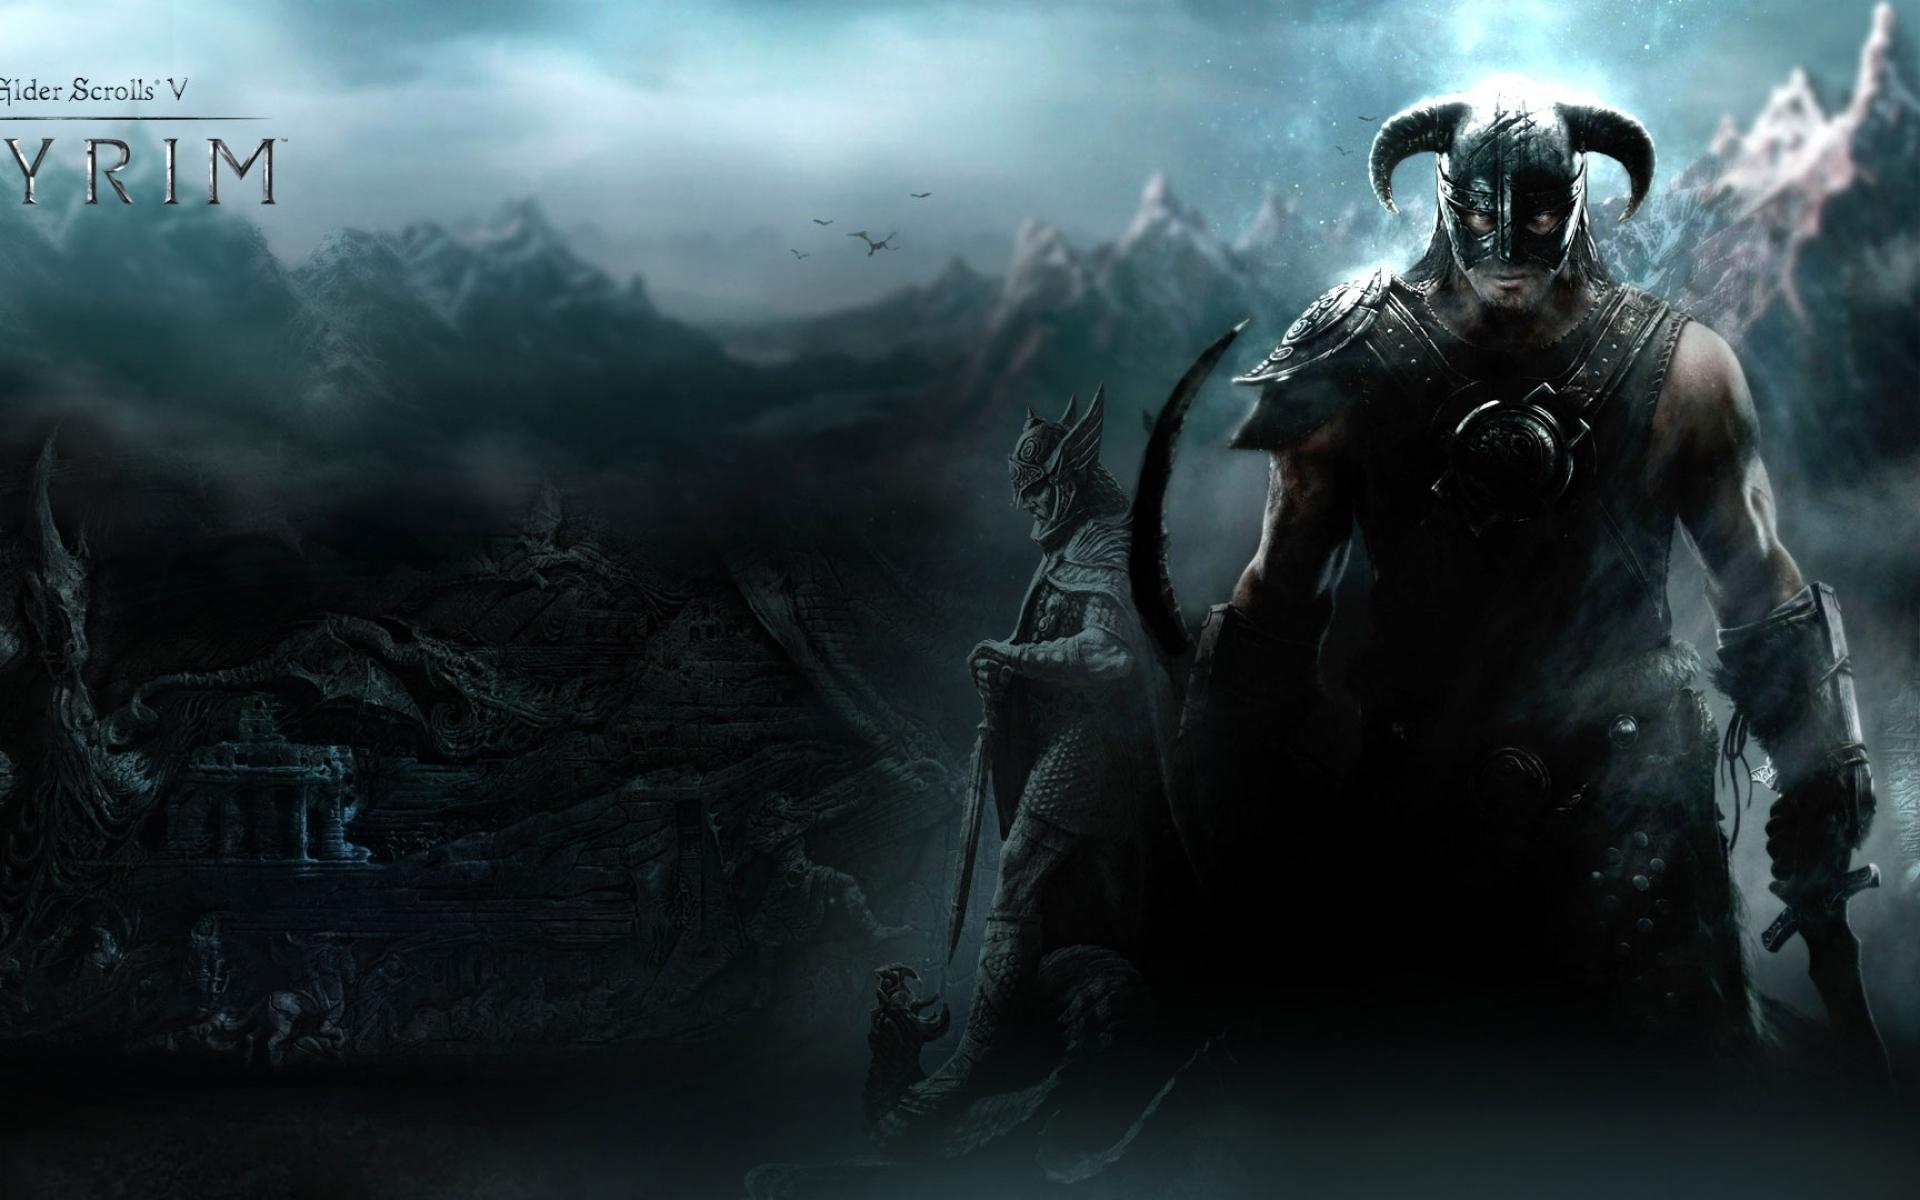 Картинки Старшие свитки скайрима, воина, горы, дракон, шлем фото и обои на рабочий стол